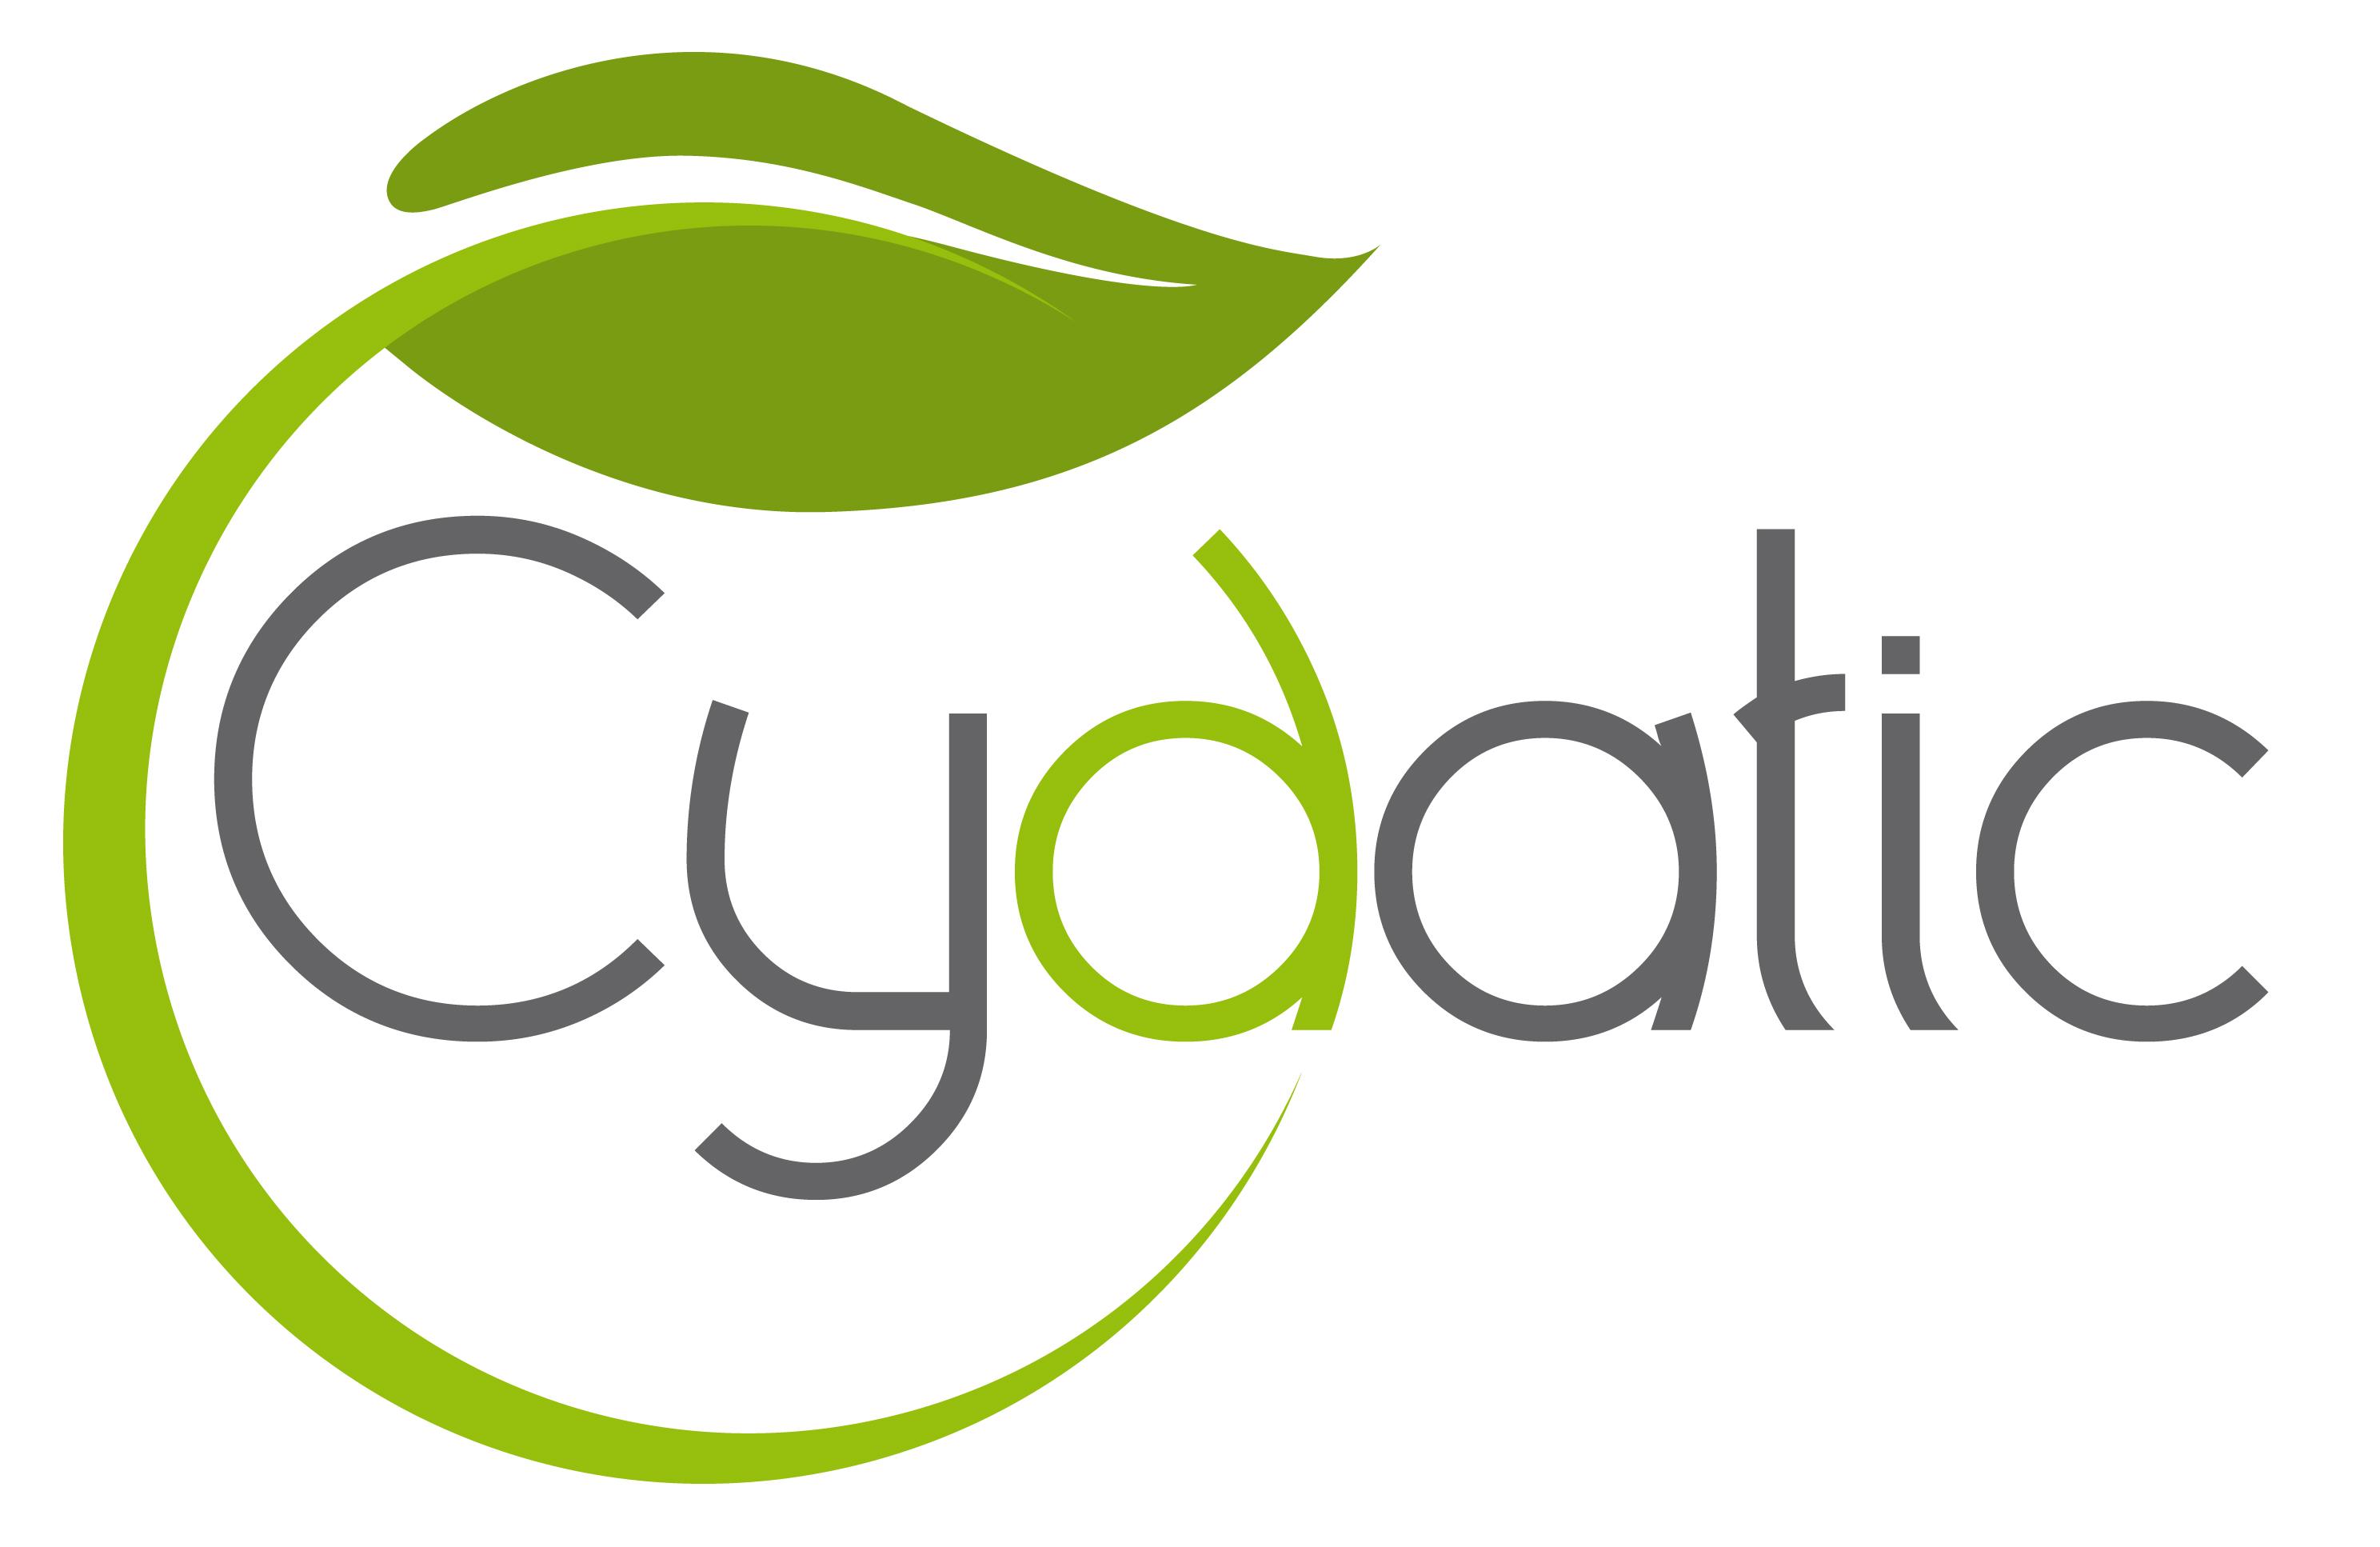 Cydatic